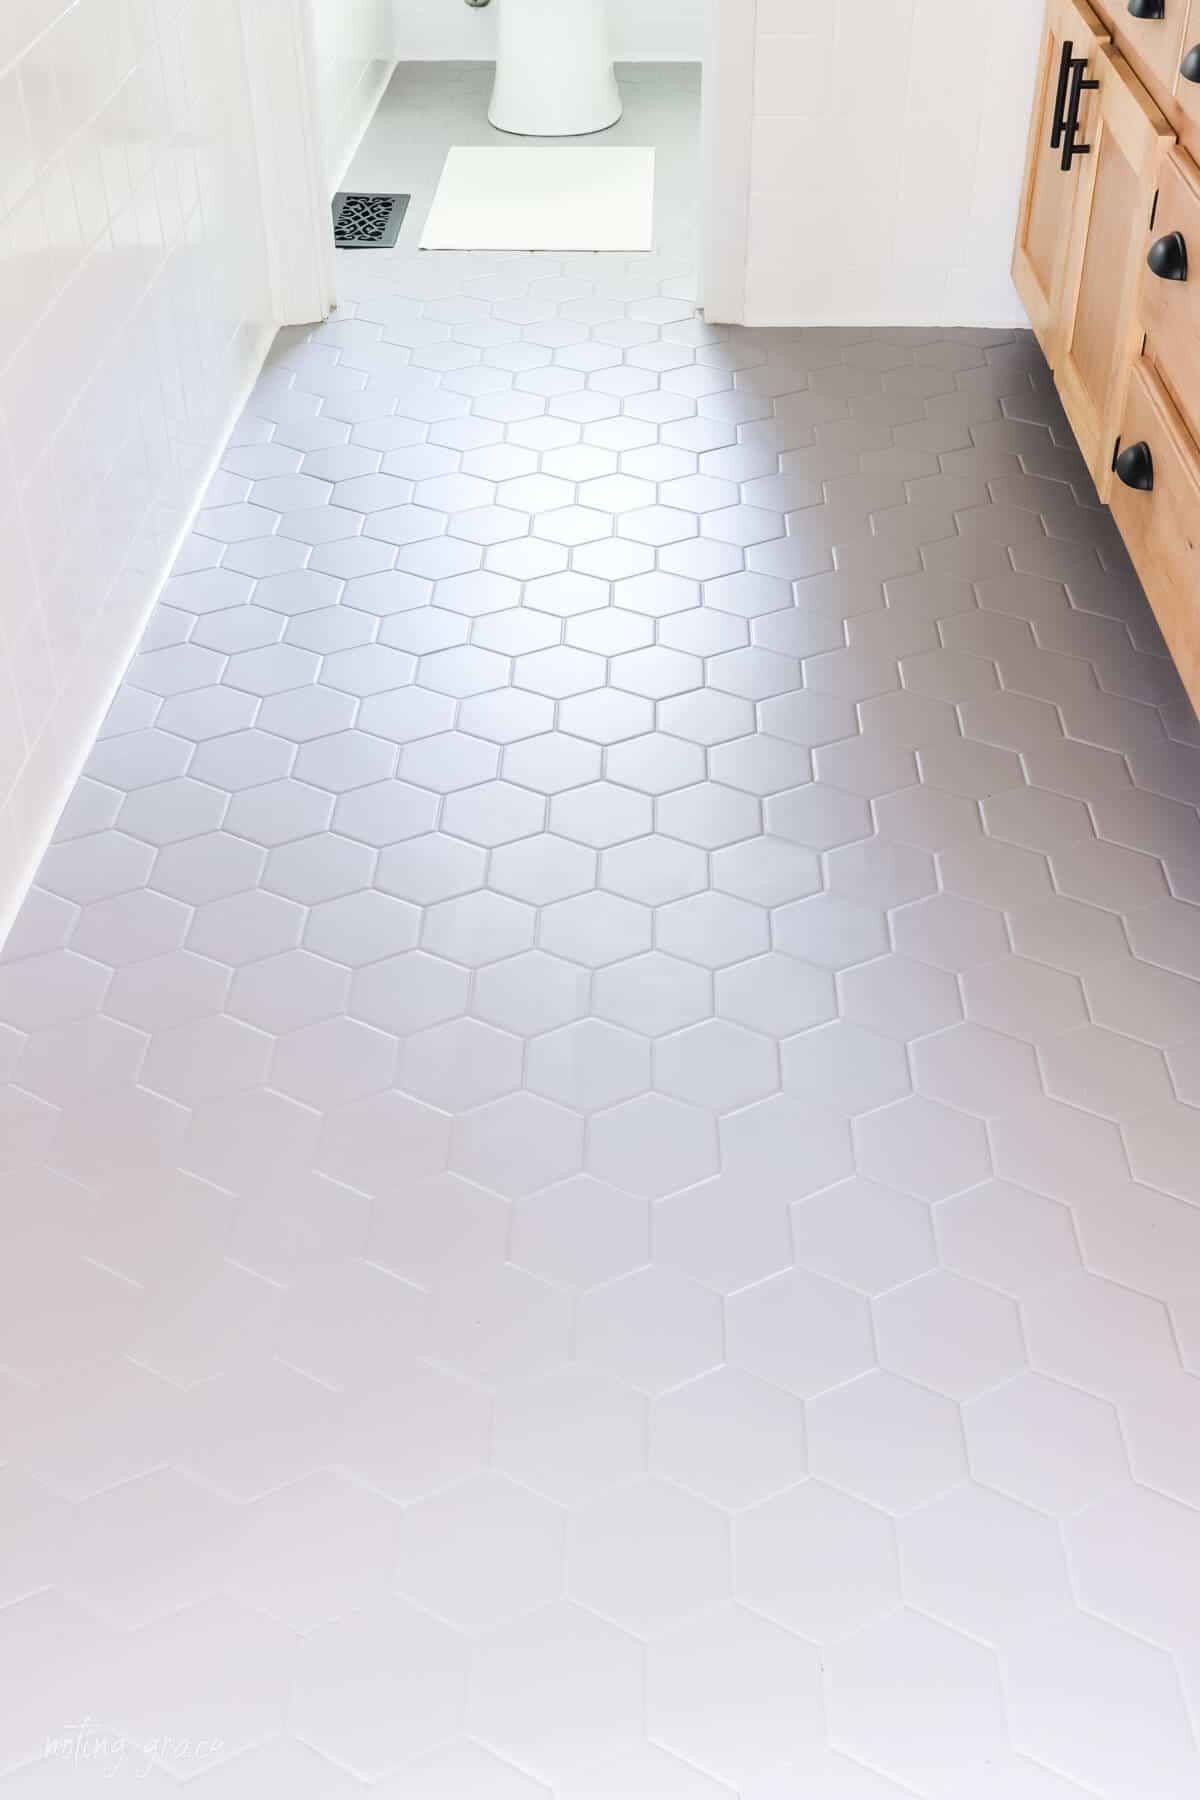 Overhead picture of hexagon bathroom floor tile painted gray